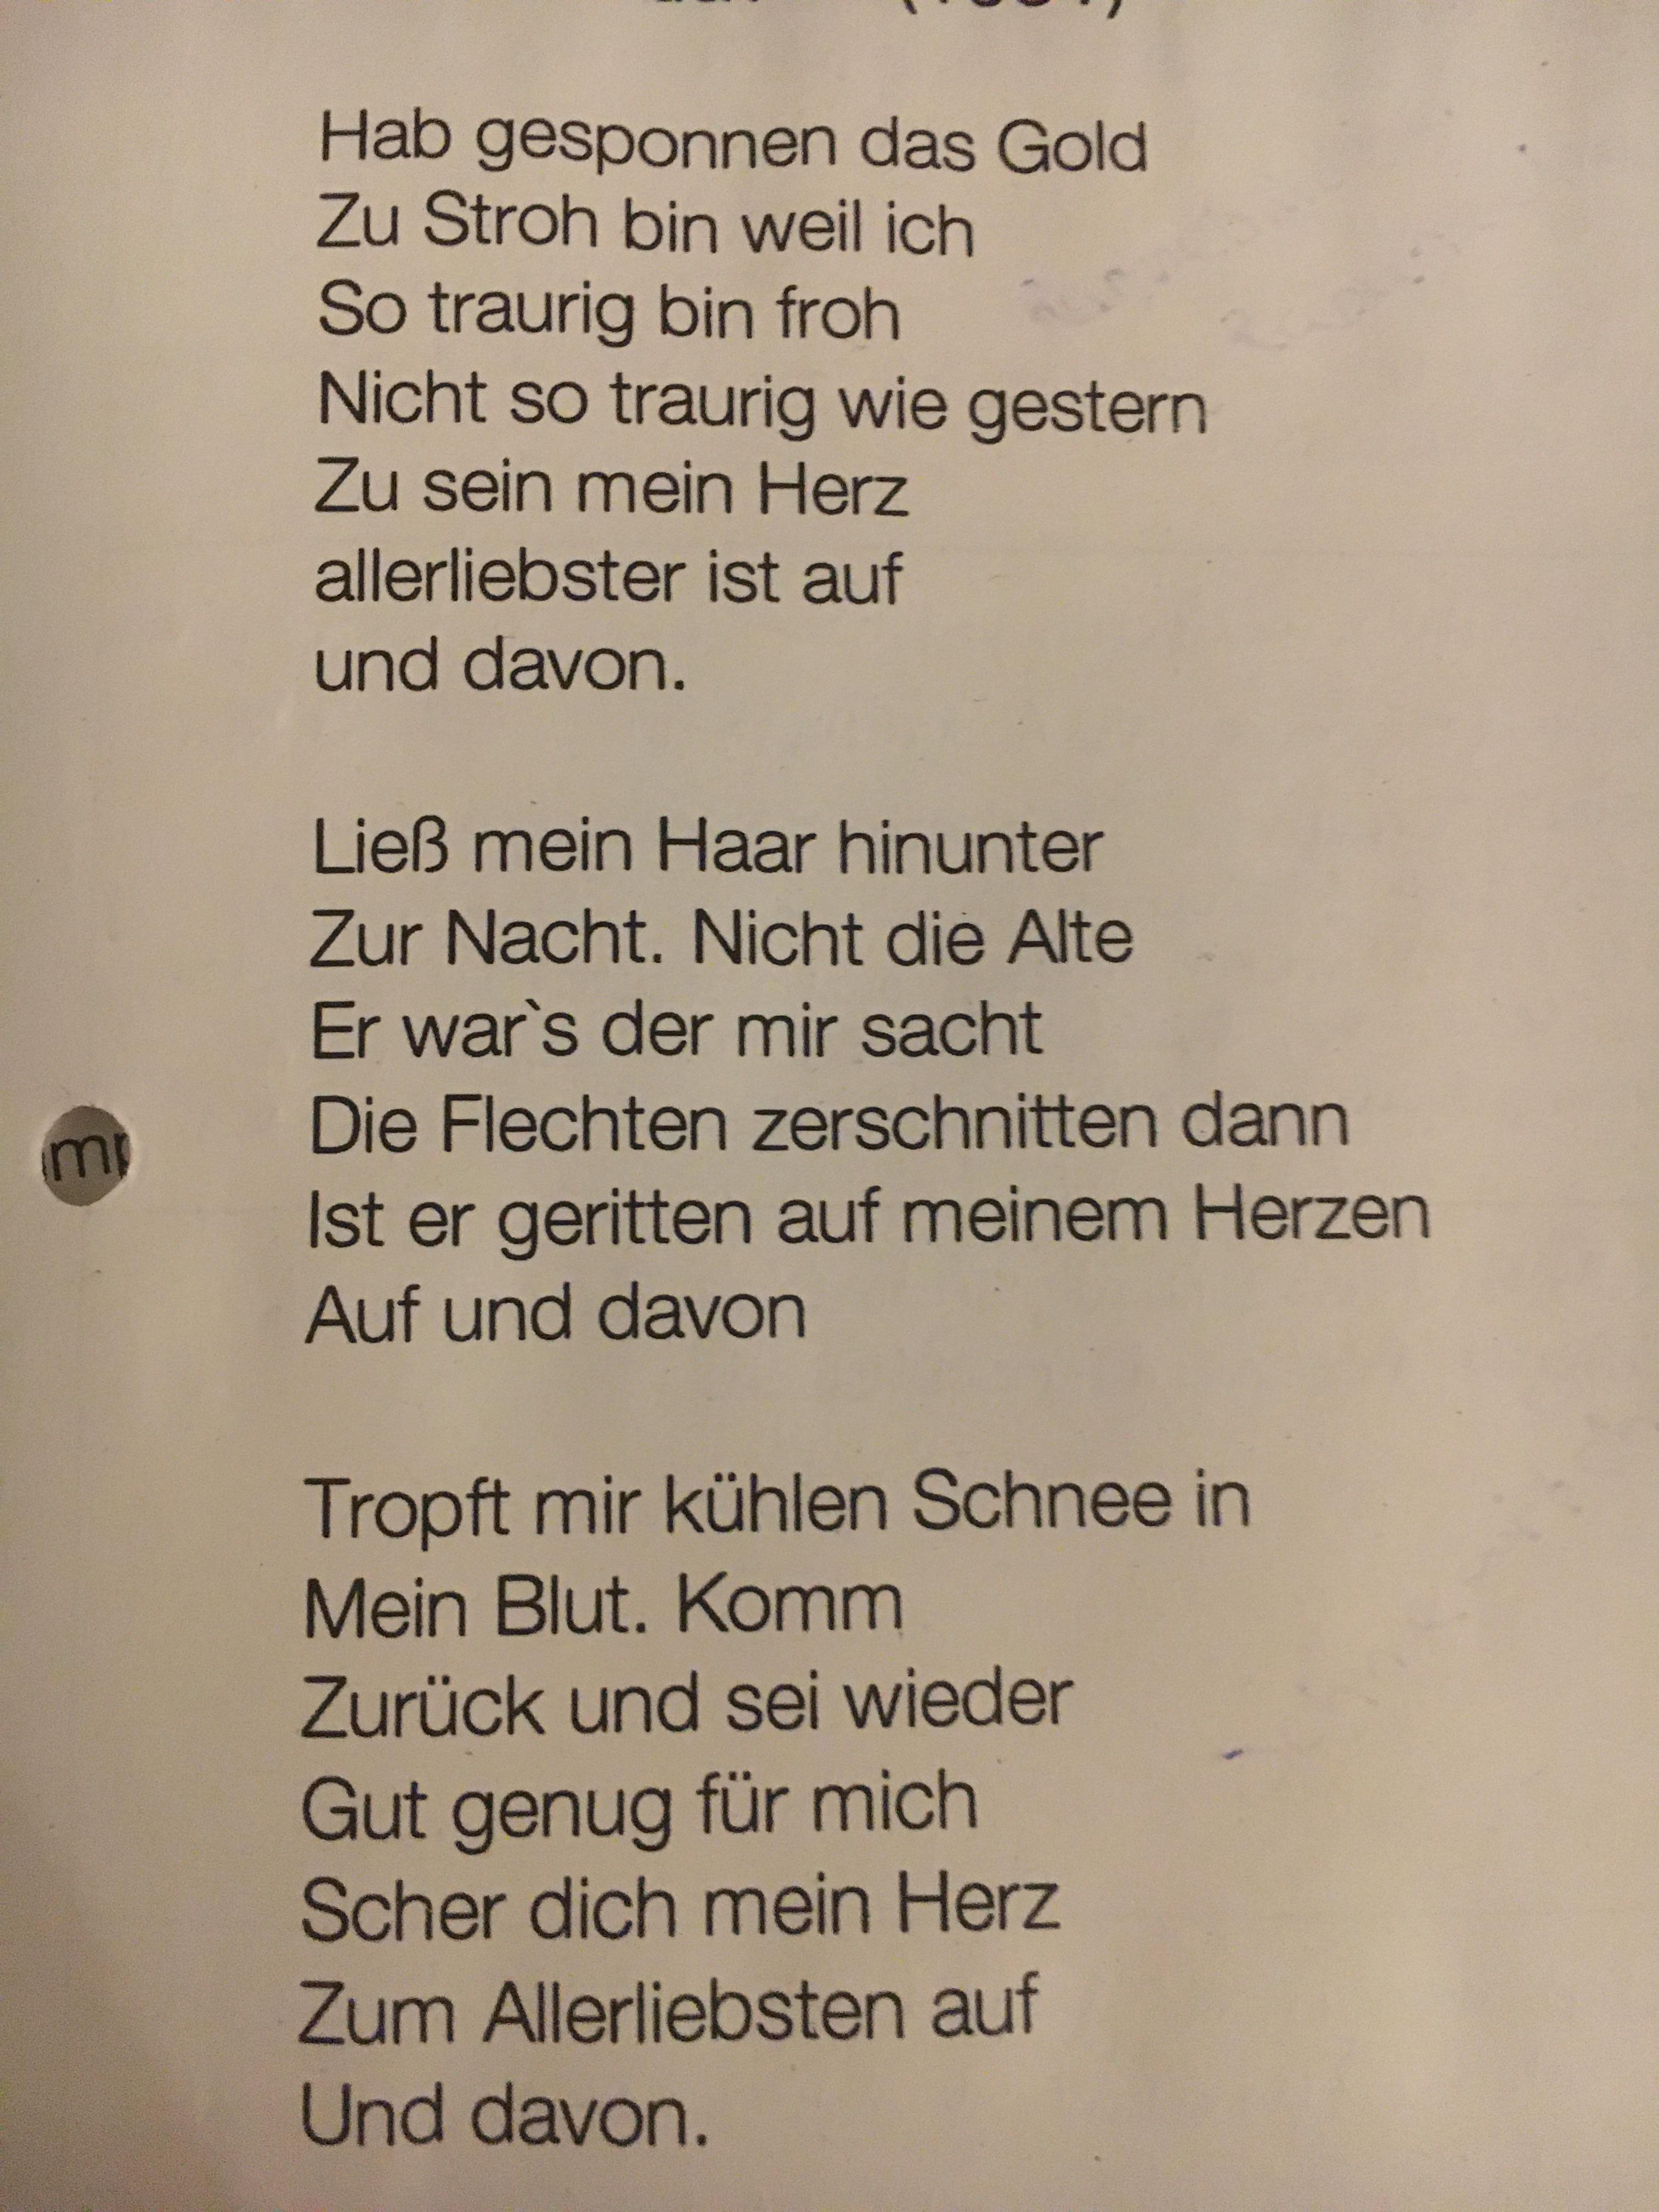 romantische Motive auf und davon Ulla Hahn? (Schule